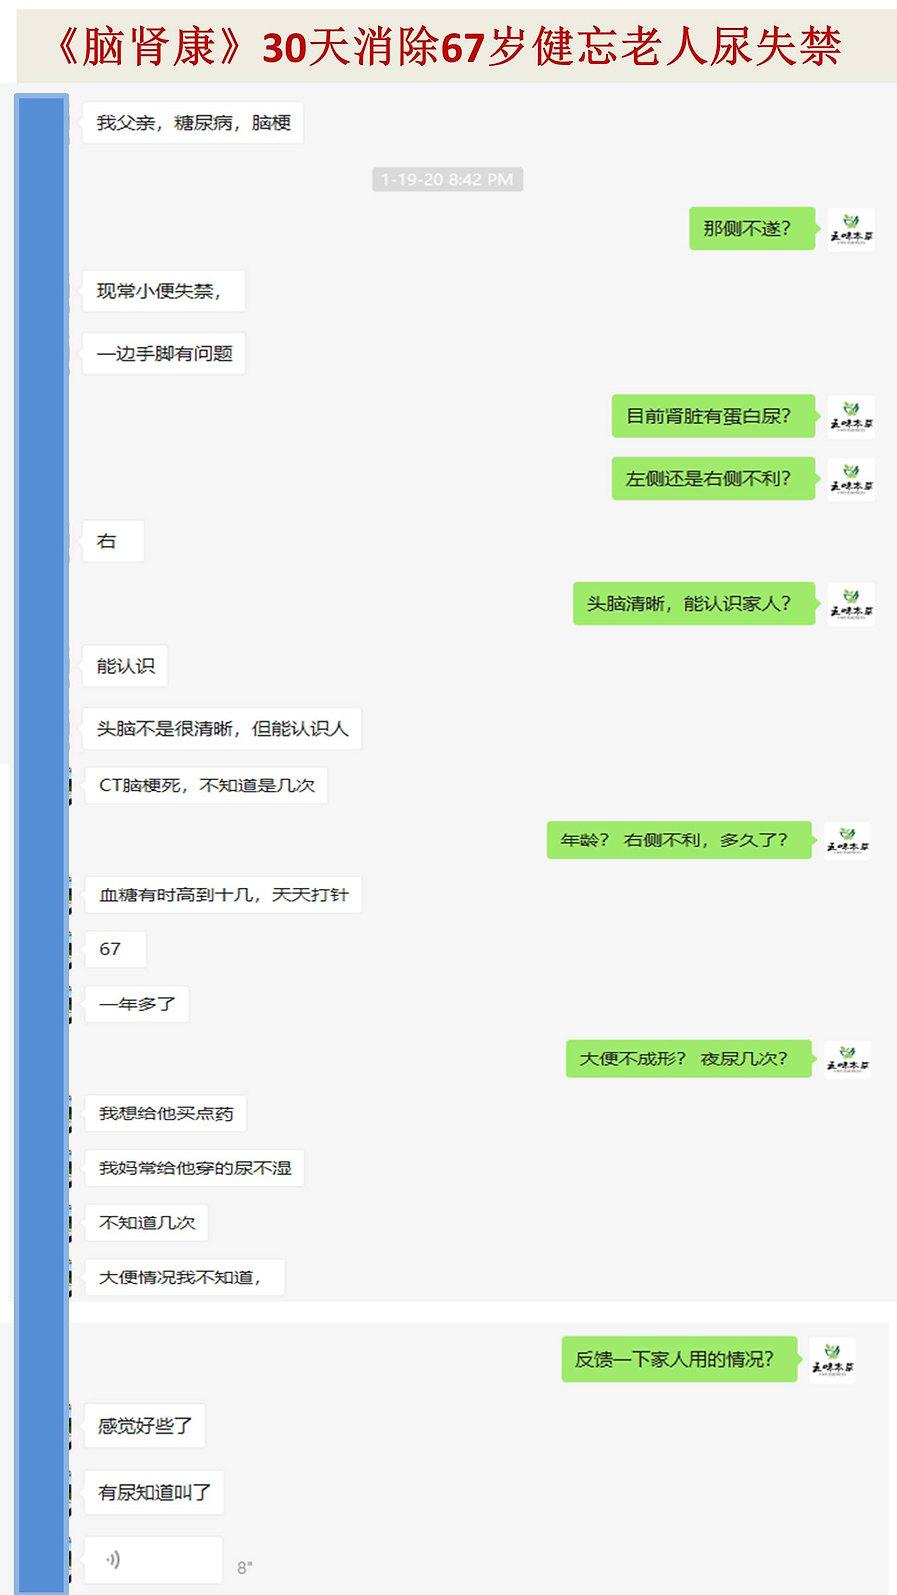 《脑肾康》30天消除67岁健忘老人尿失禁.jpg